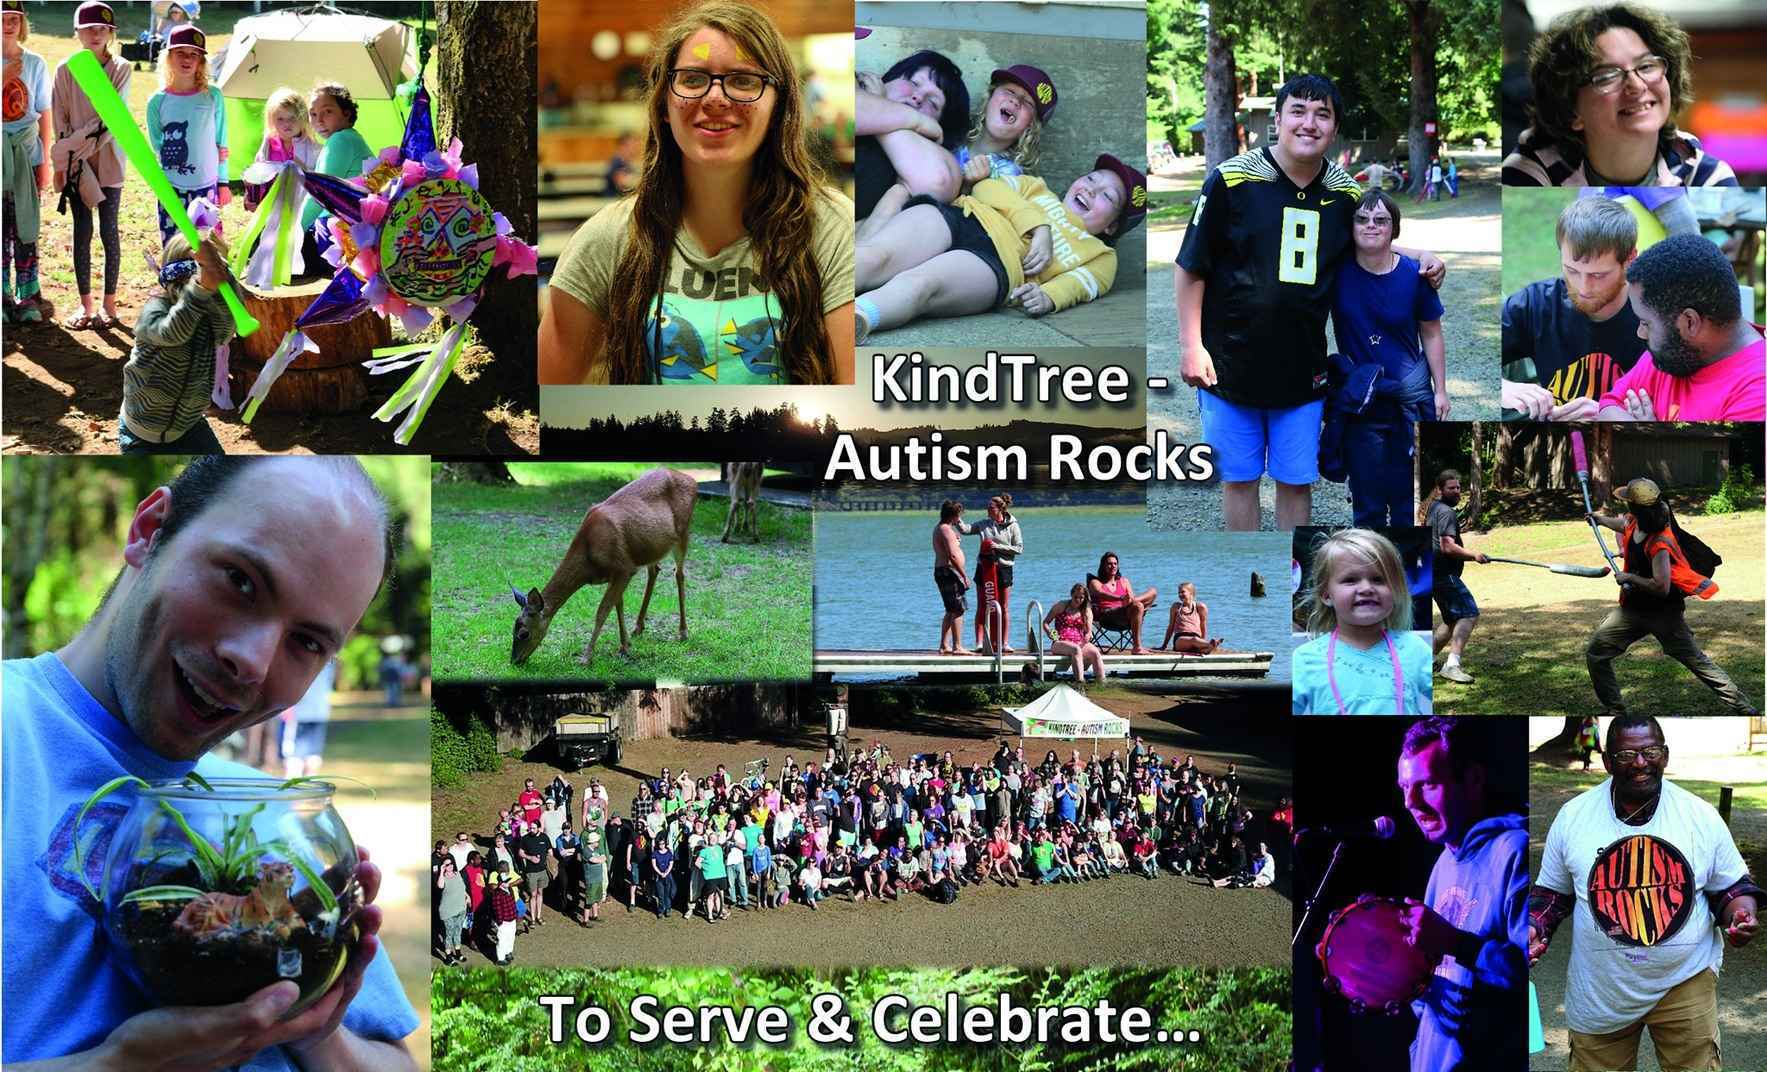 KindTree - Autism Rocks image